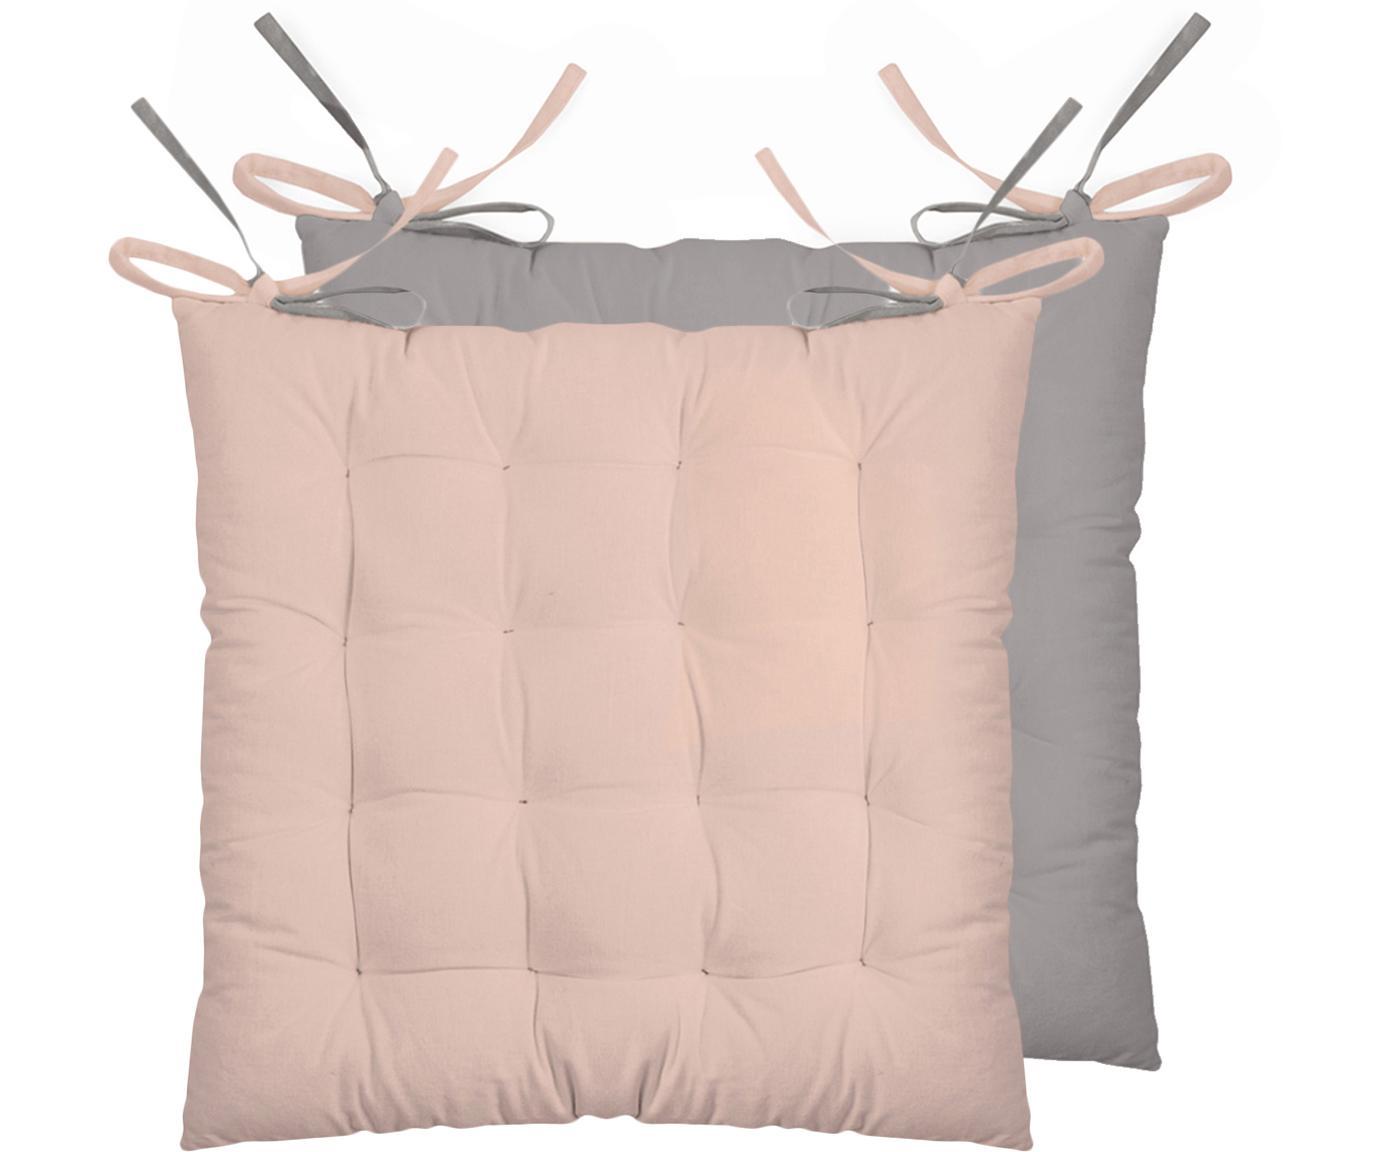 Dubbelzijdige stoelkussens Duo roze/grijs, 2 stuks, Poederroze, grijs, 40 x 40 cm